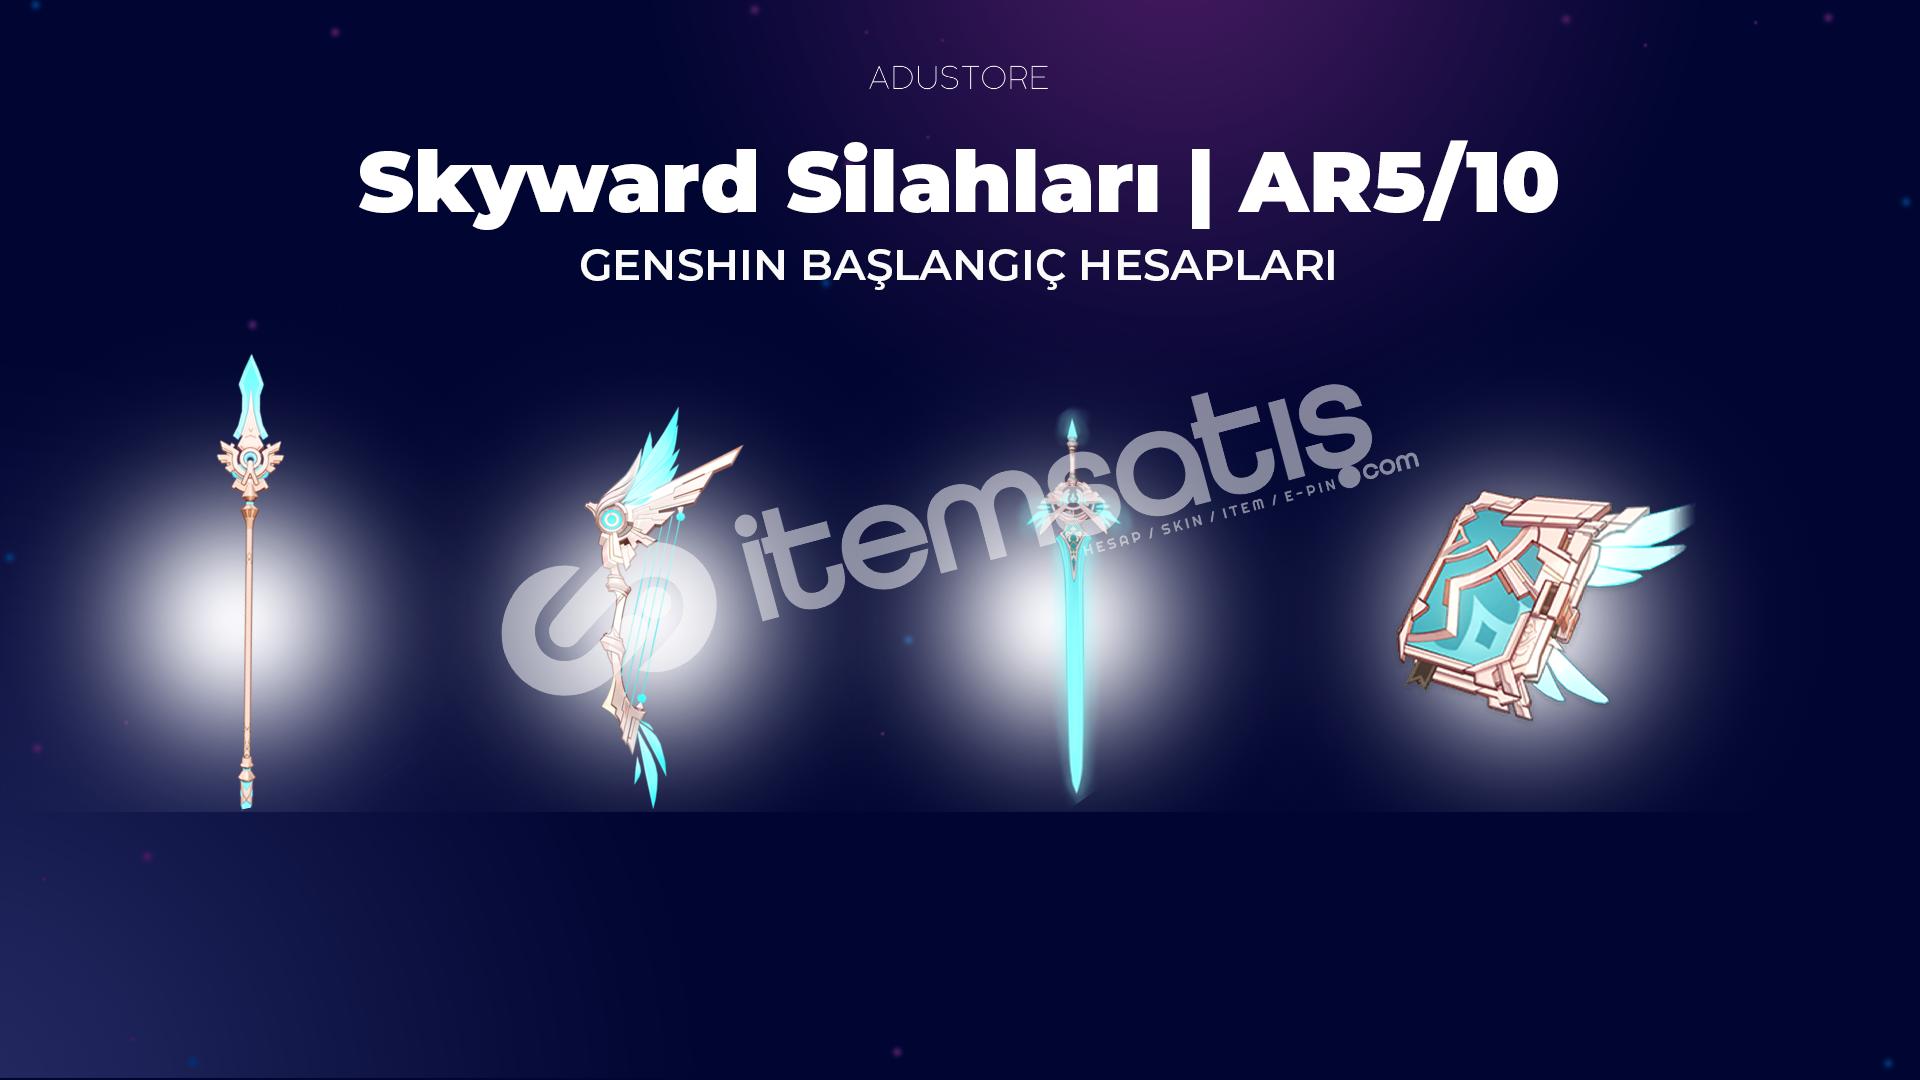 Skyward Silahları | Başlangıç Hesapları